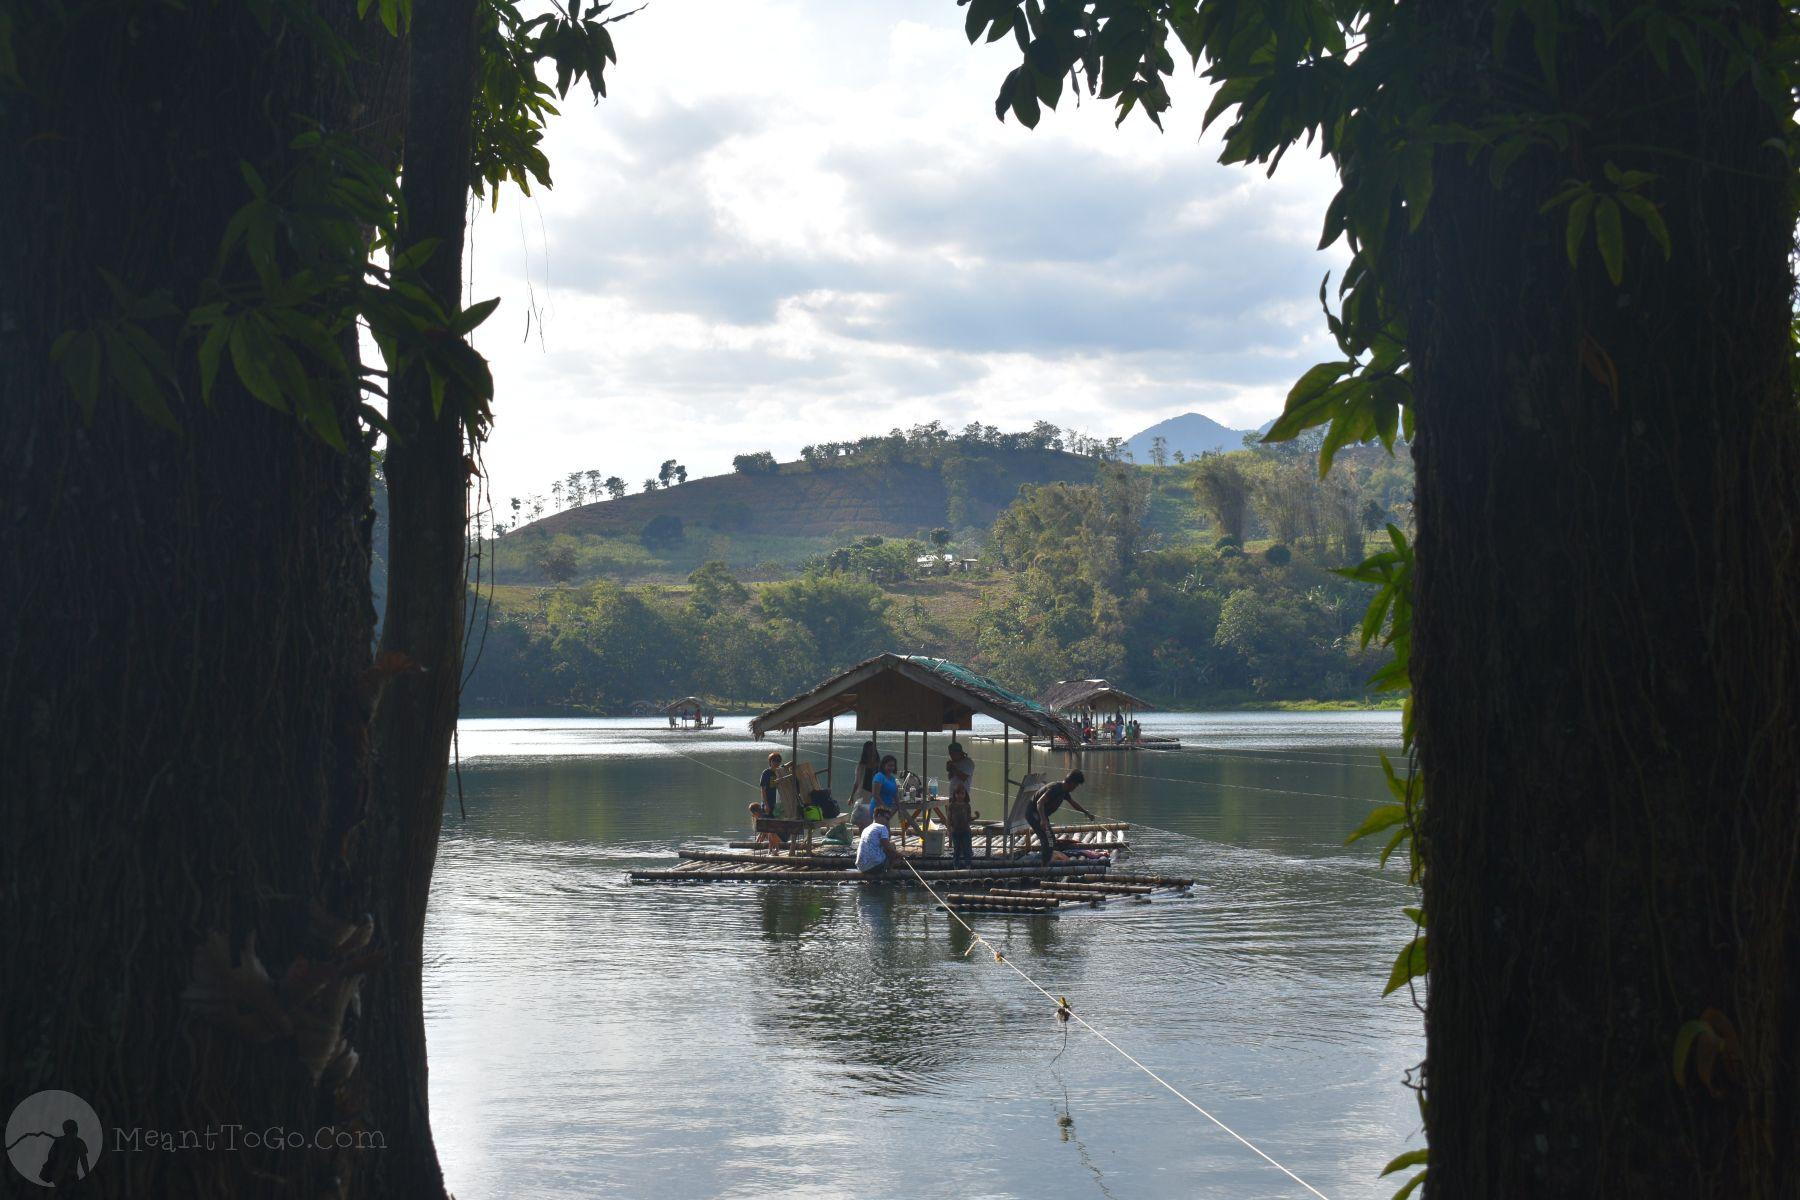 Lake Apo - Valencia City, Bukidnon